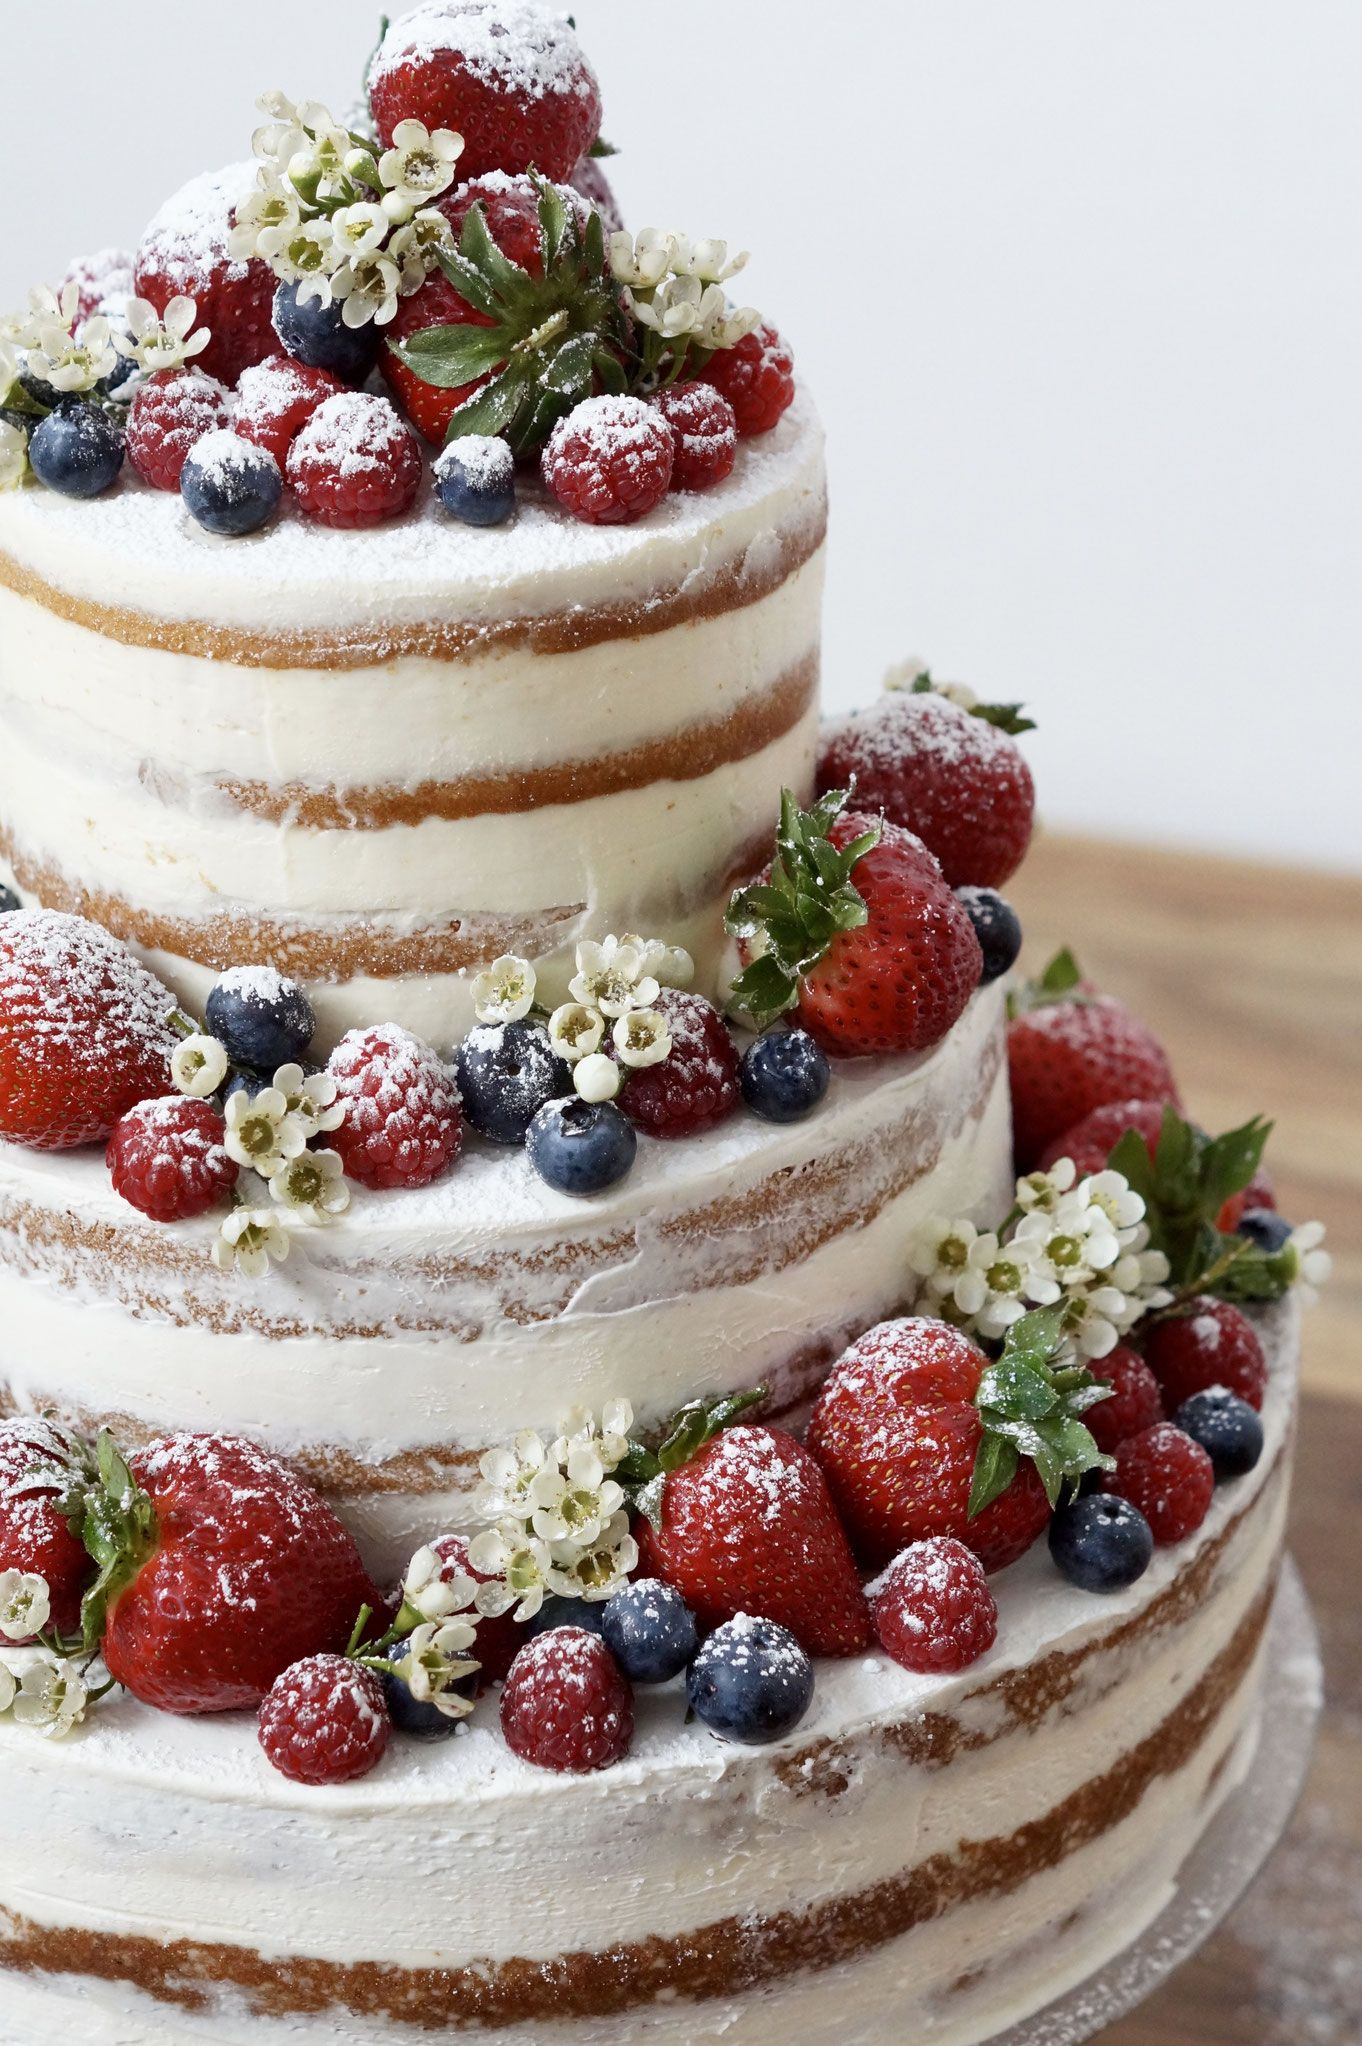 Naked Cake Mit Beeren Let Them Eat Cake 2 Wedding Cakes Wedding